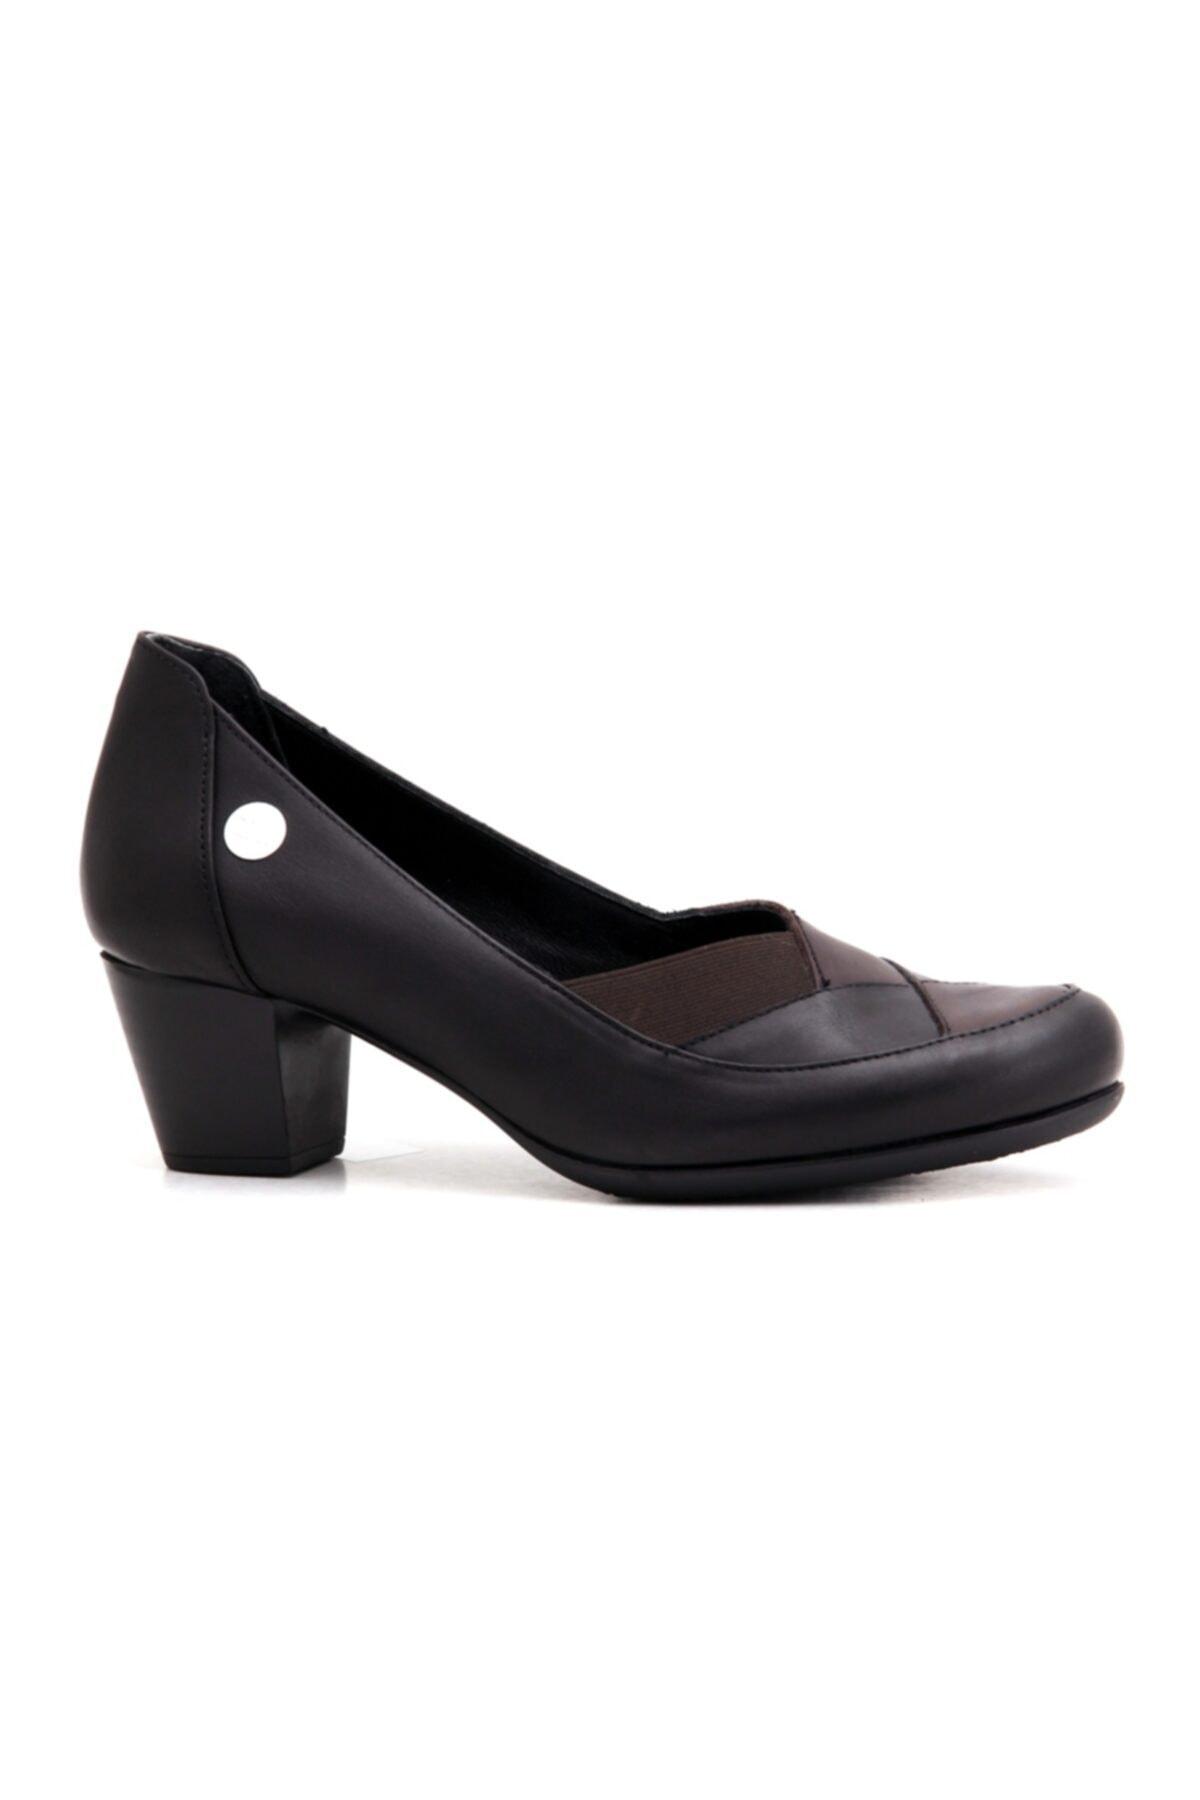 Mammamia D20ya-3180 Günlük Bayan Ayakkabı 2